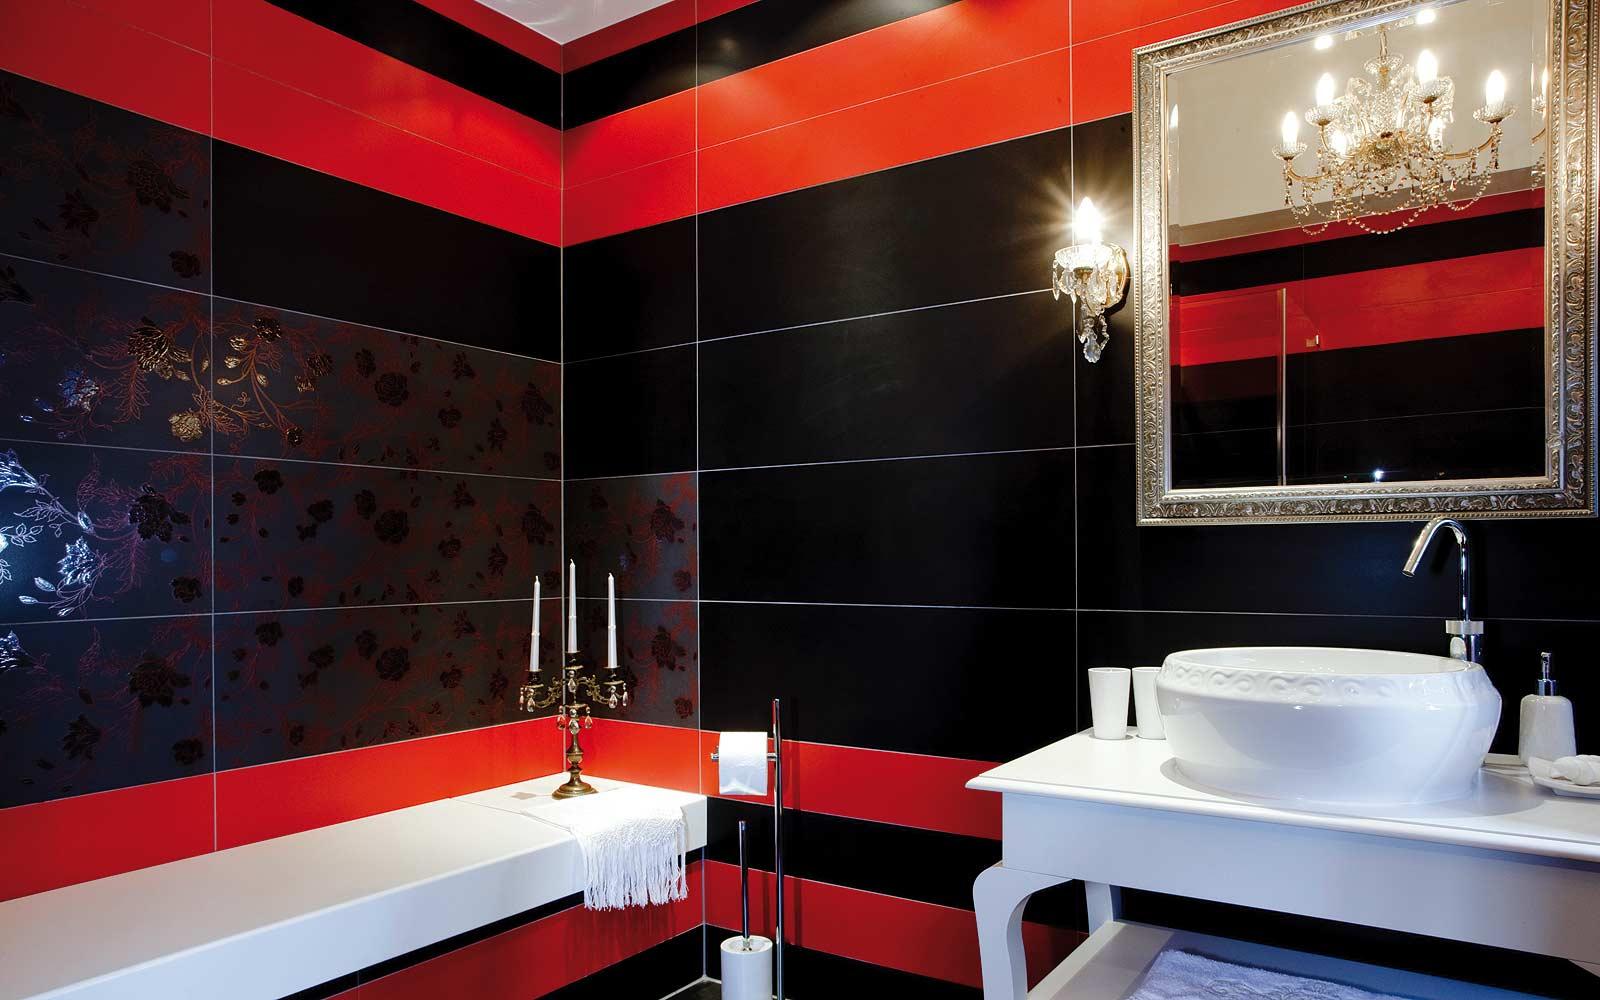 Badrenovierung komplett – Planung Badezimmer - König Bäder